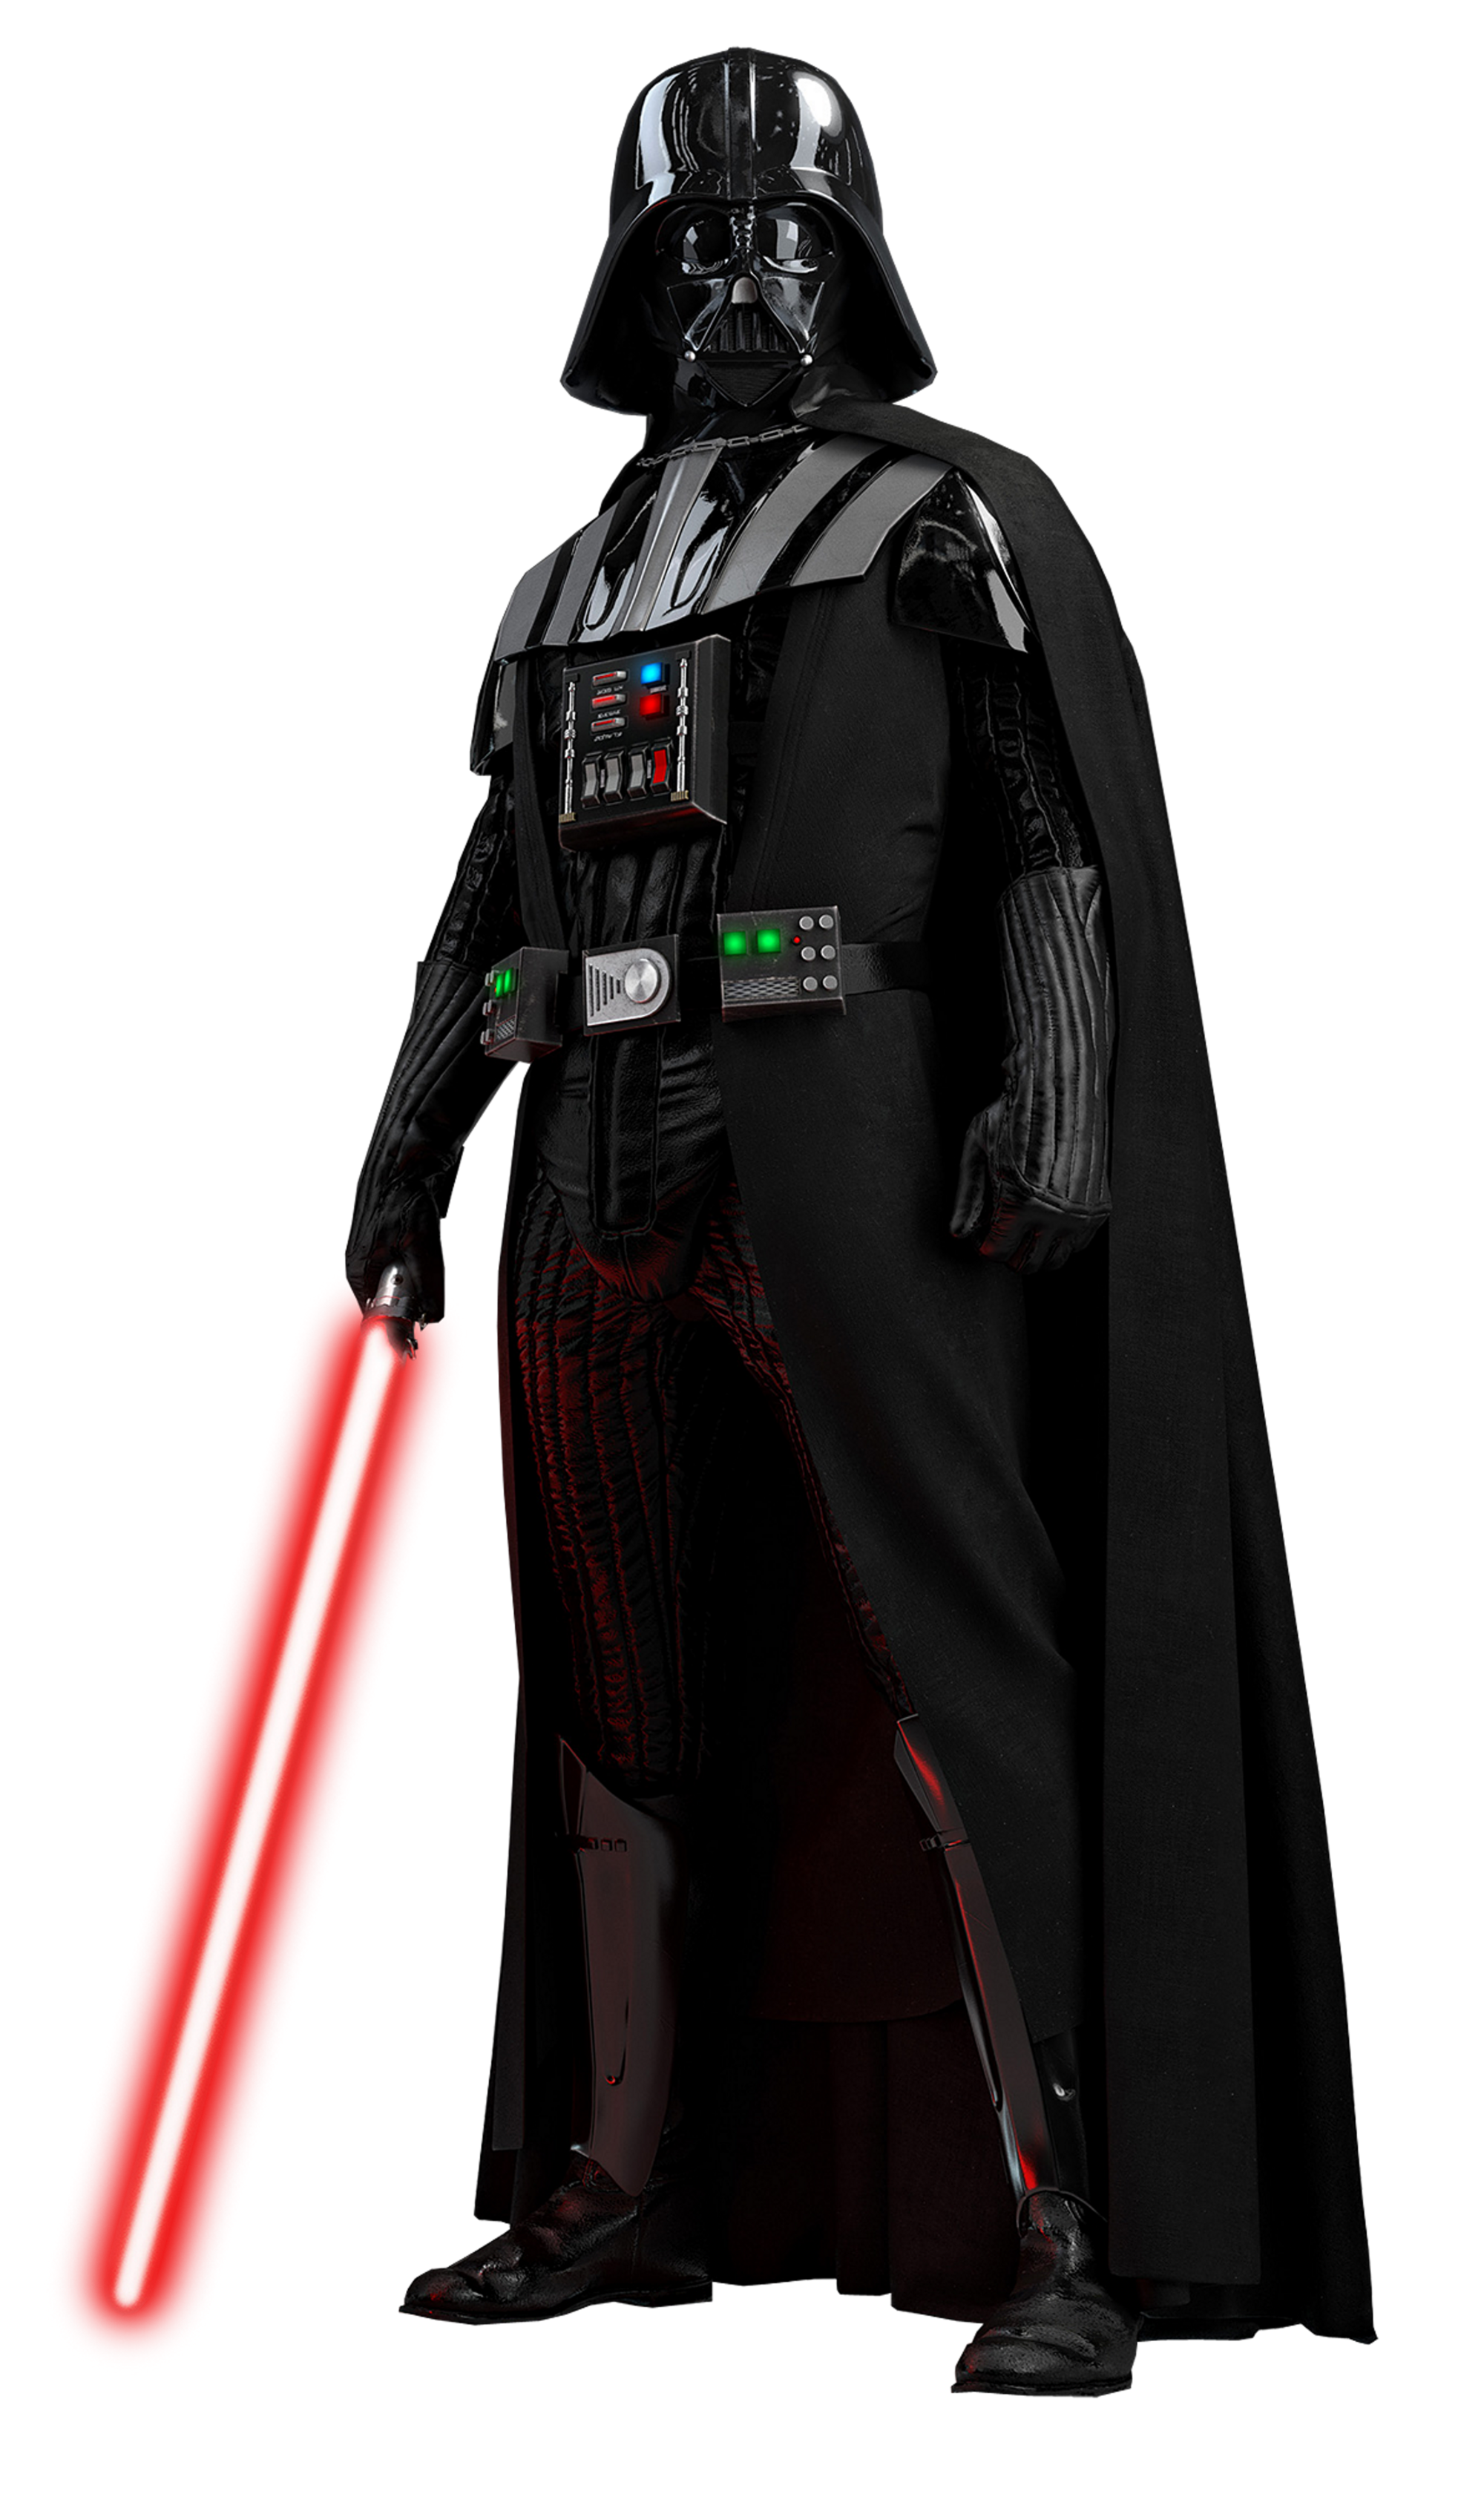 Darth Vader | VS Battles Wiki | Fandom